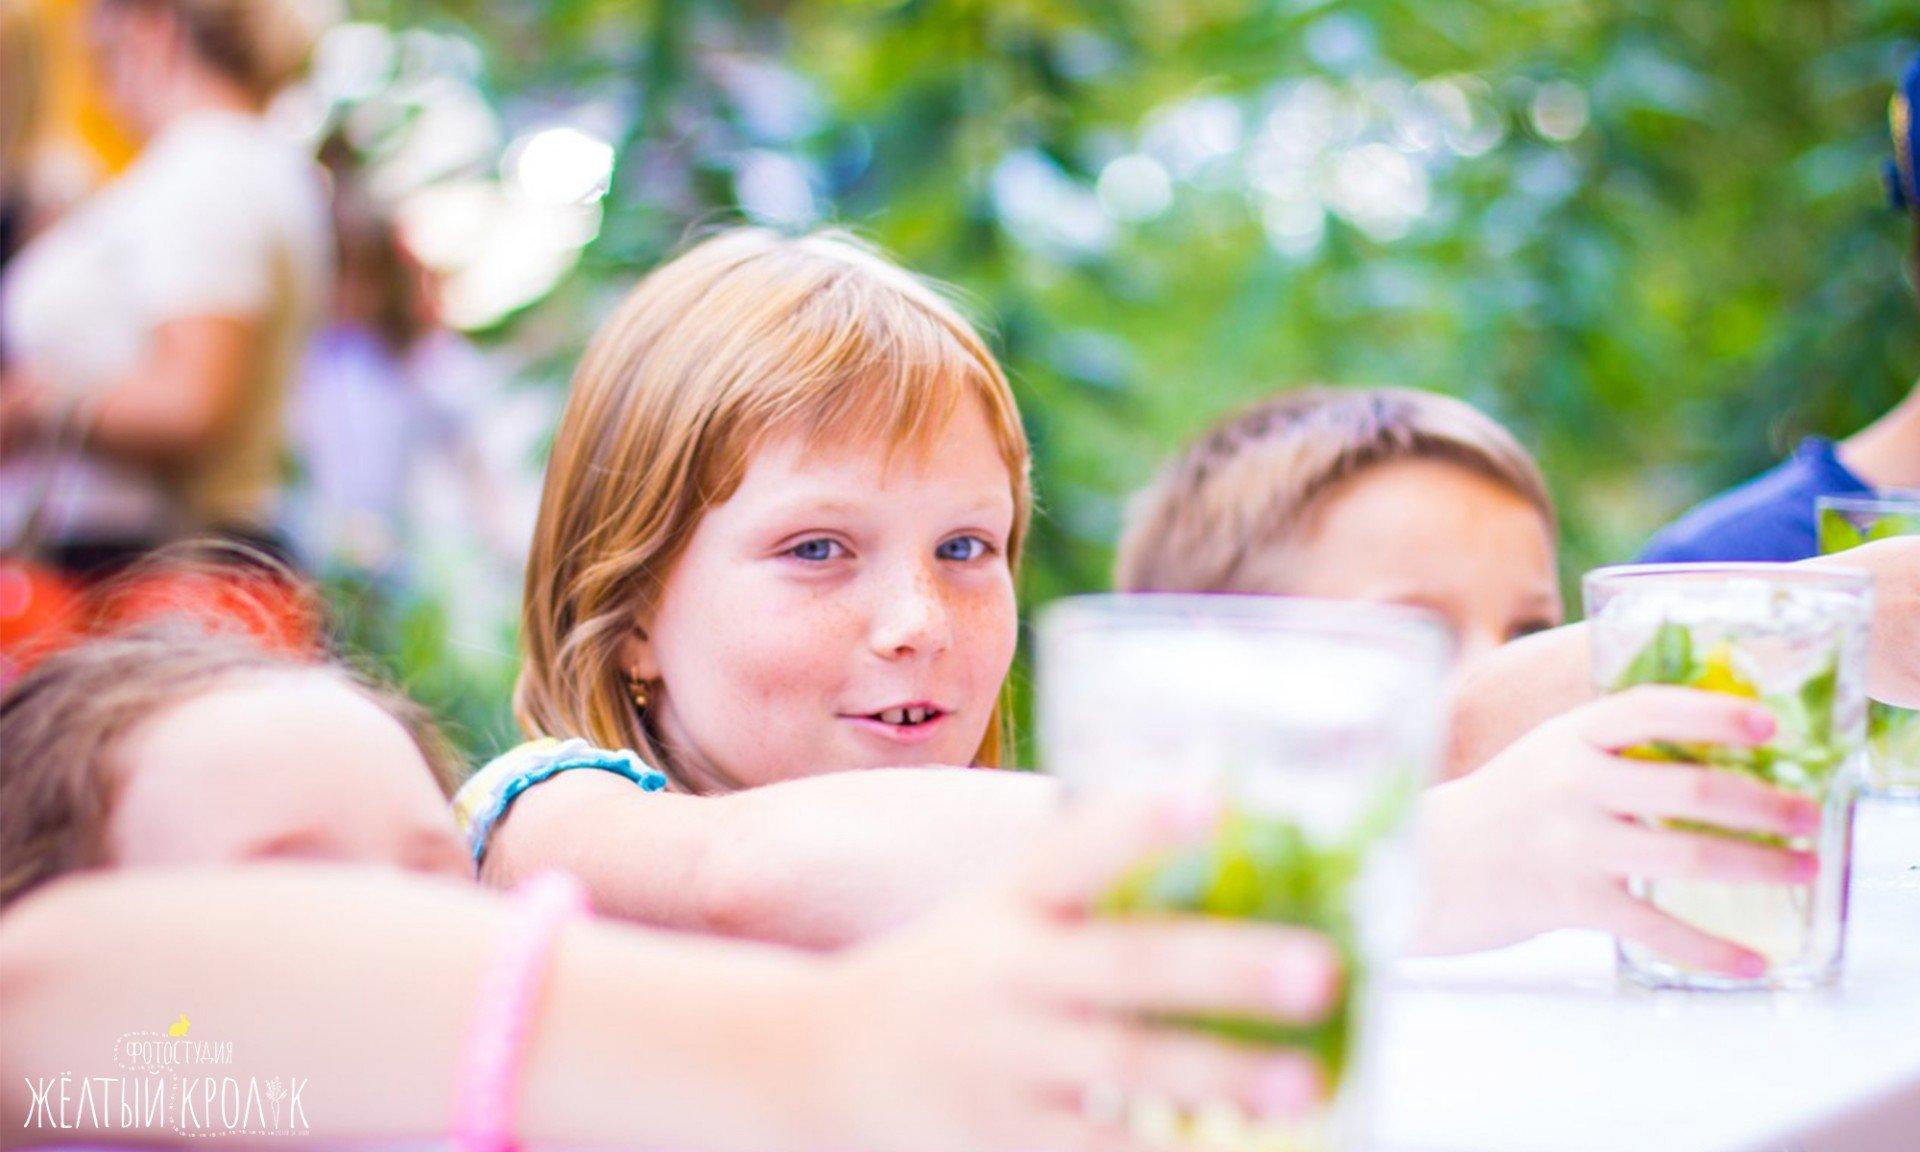 девочка с веснушками - репортажная фотосъемка в фотостудии желтый кролик